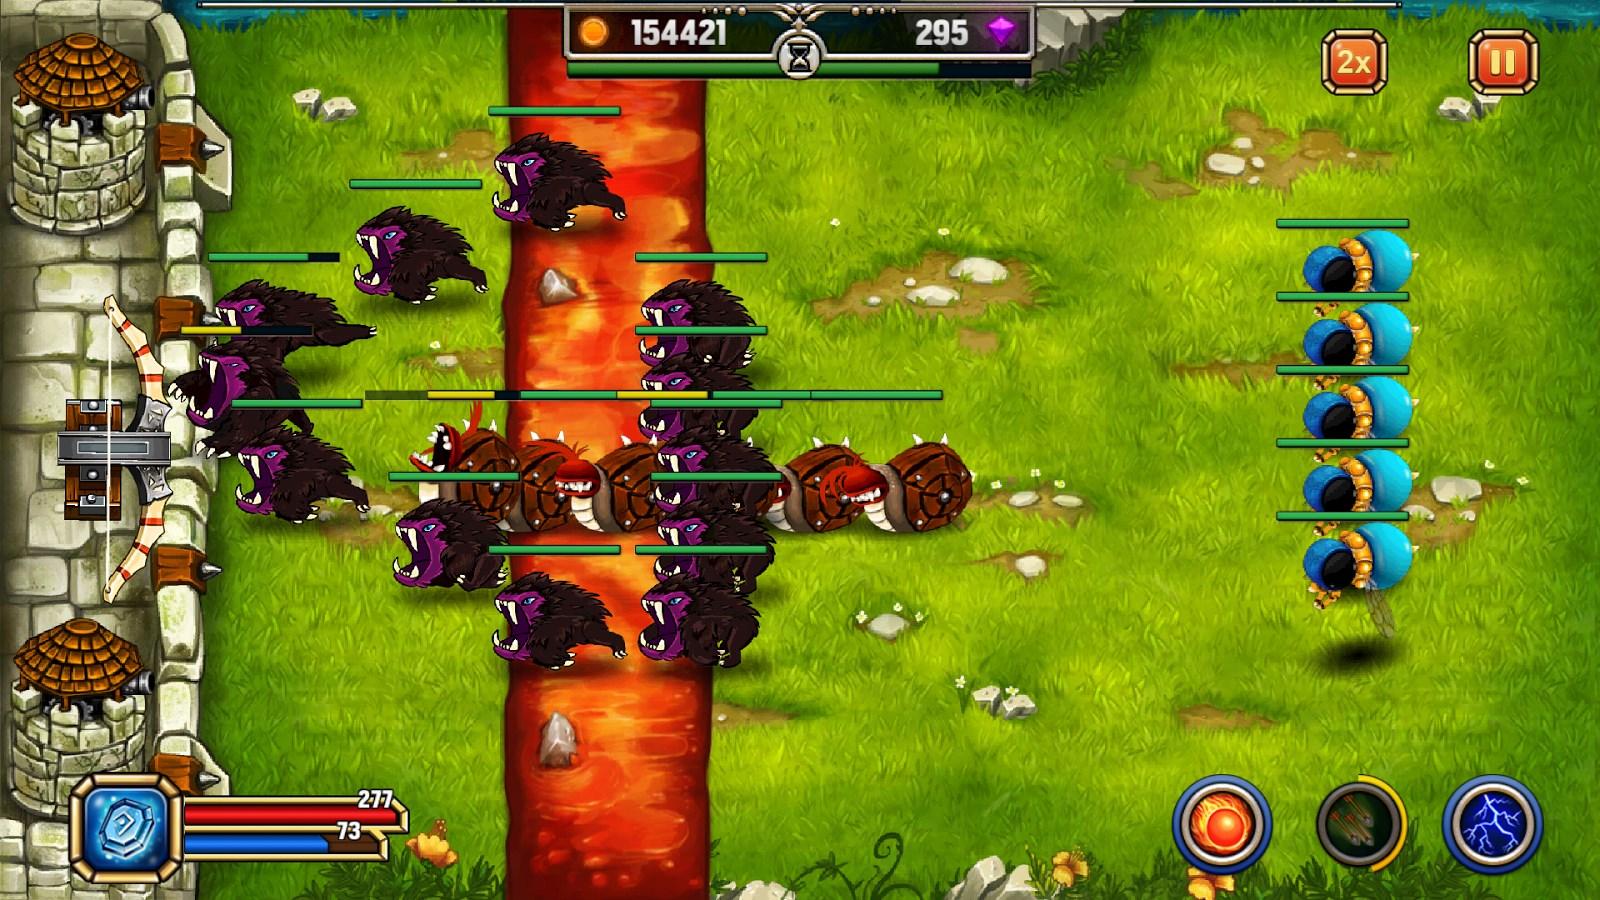 Monster Defender - Imagem 1 do software